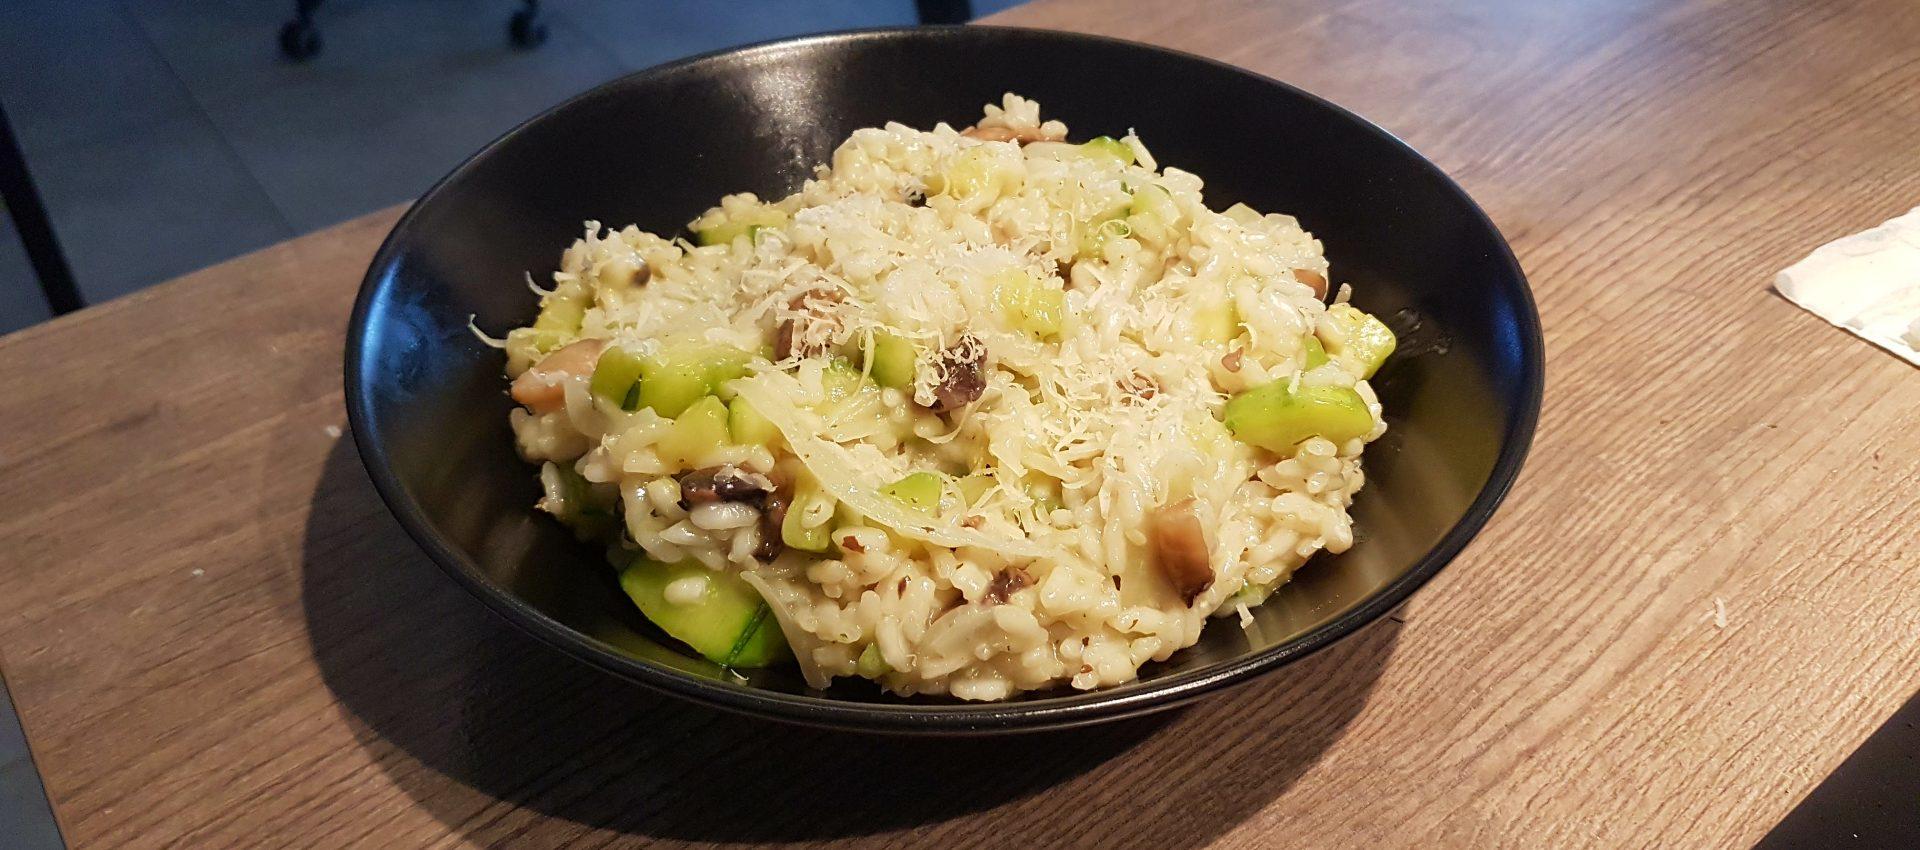 Recette v gane de risotto courgettes champignons je for Cuisinier vegan